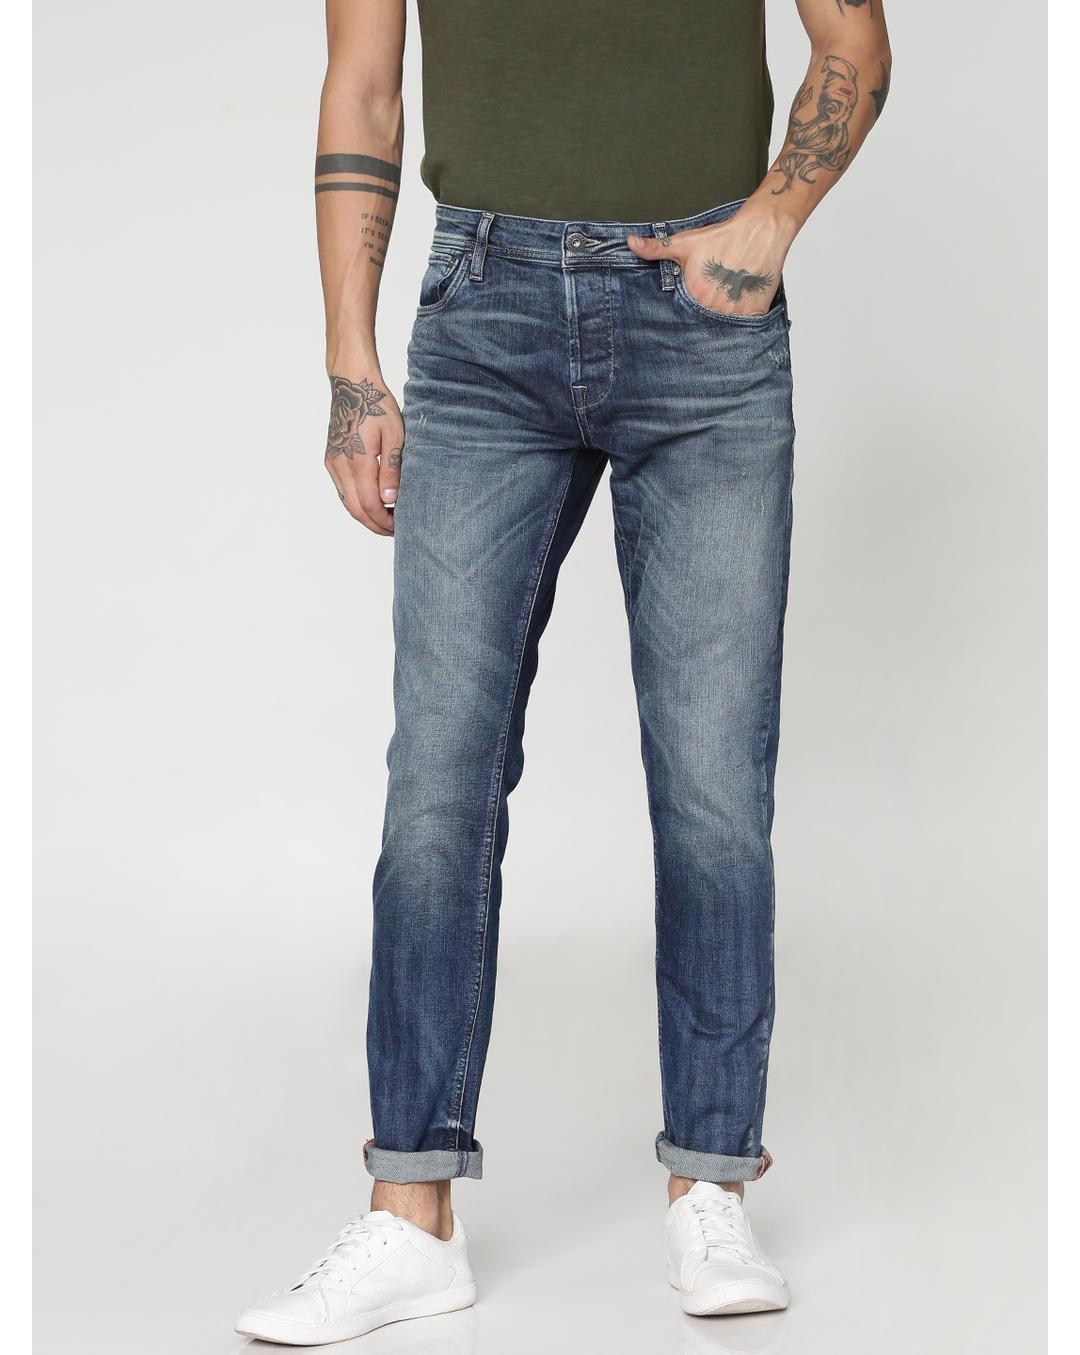 Größe 40 schönen Glanz Waren des täglichen Bedarfs Buy Jack & Jones Blue Heavily Washed Tim Slim Fit Jeans ...